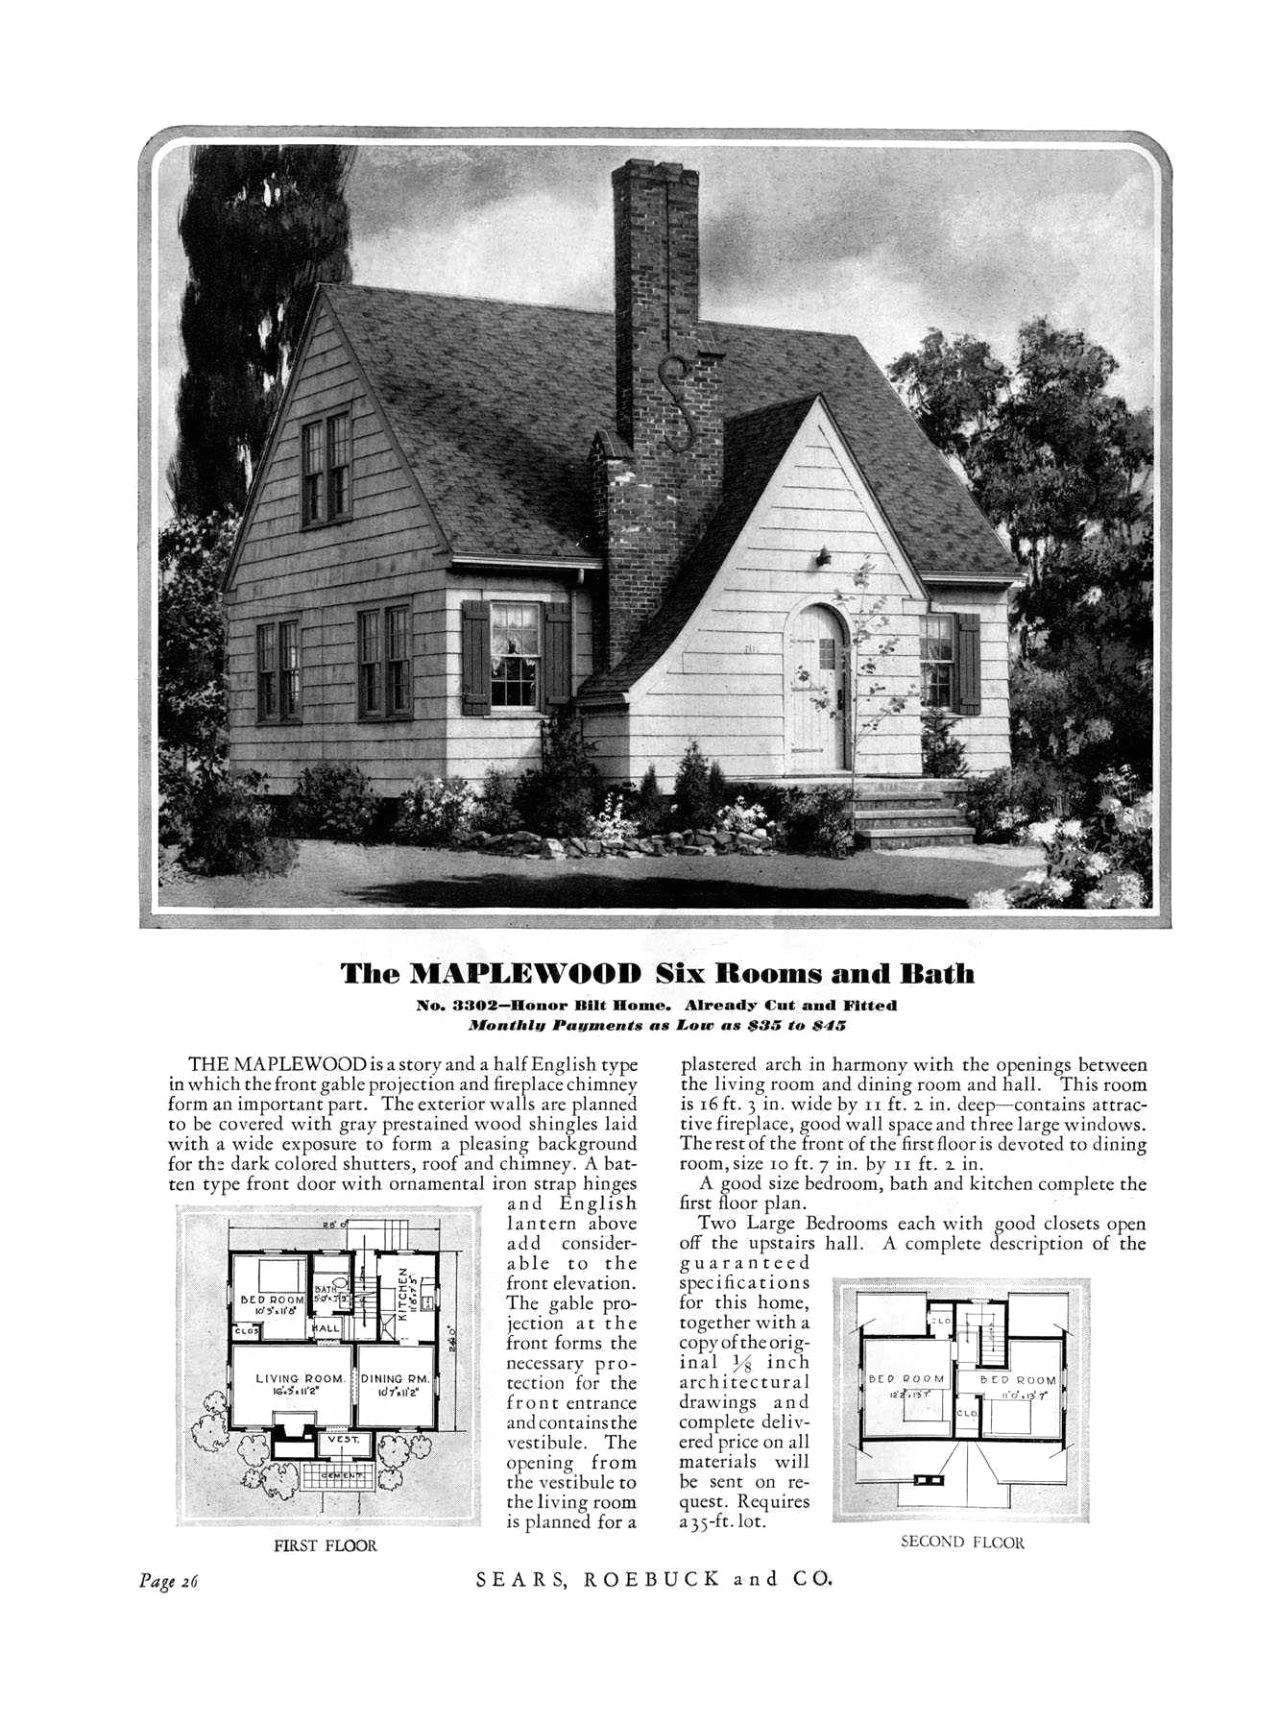 Craftsman Bungalow House Plans 1930s Marvelous 1930s House Plans Photos Exterior Ideas 3d